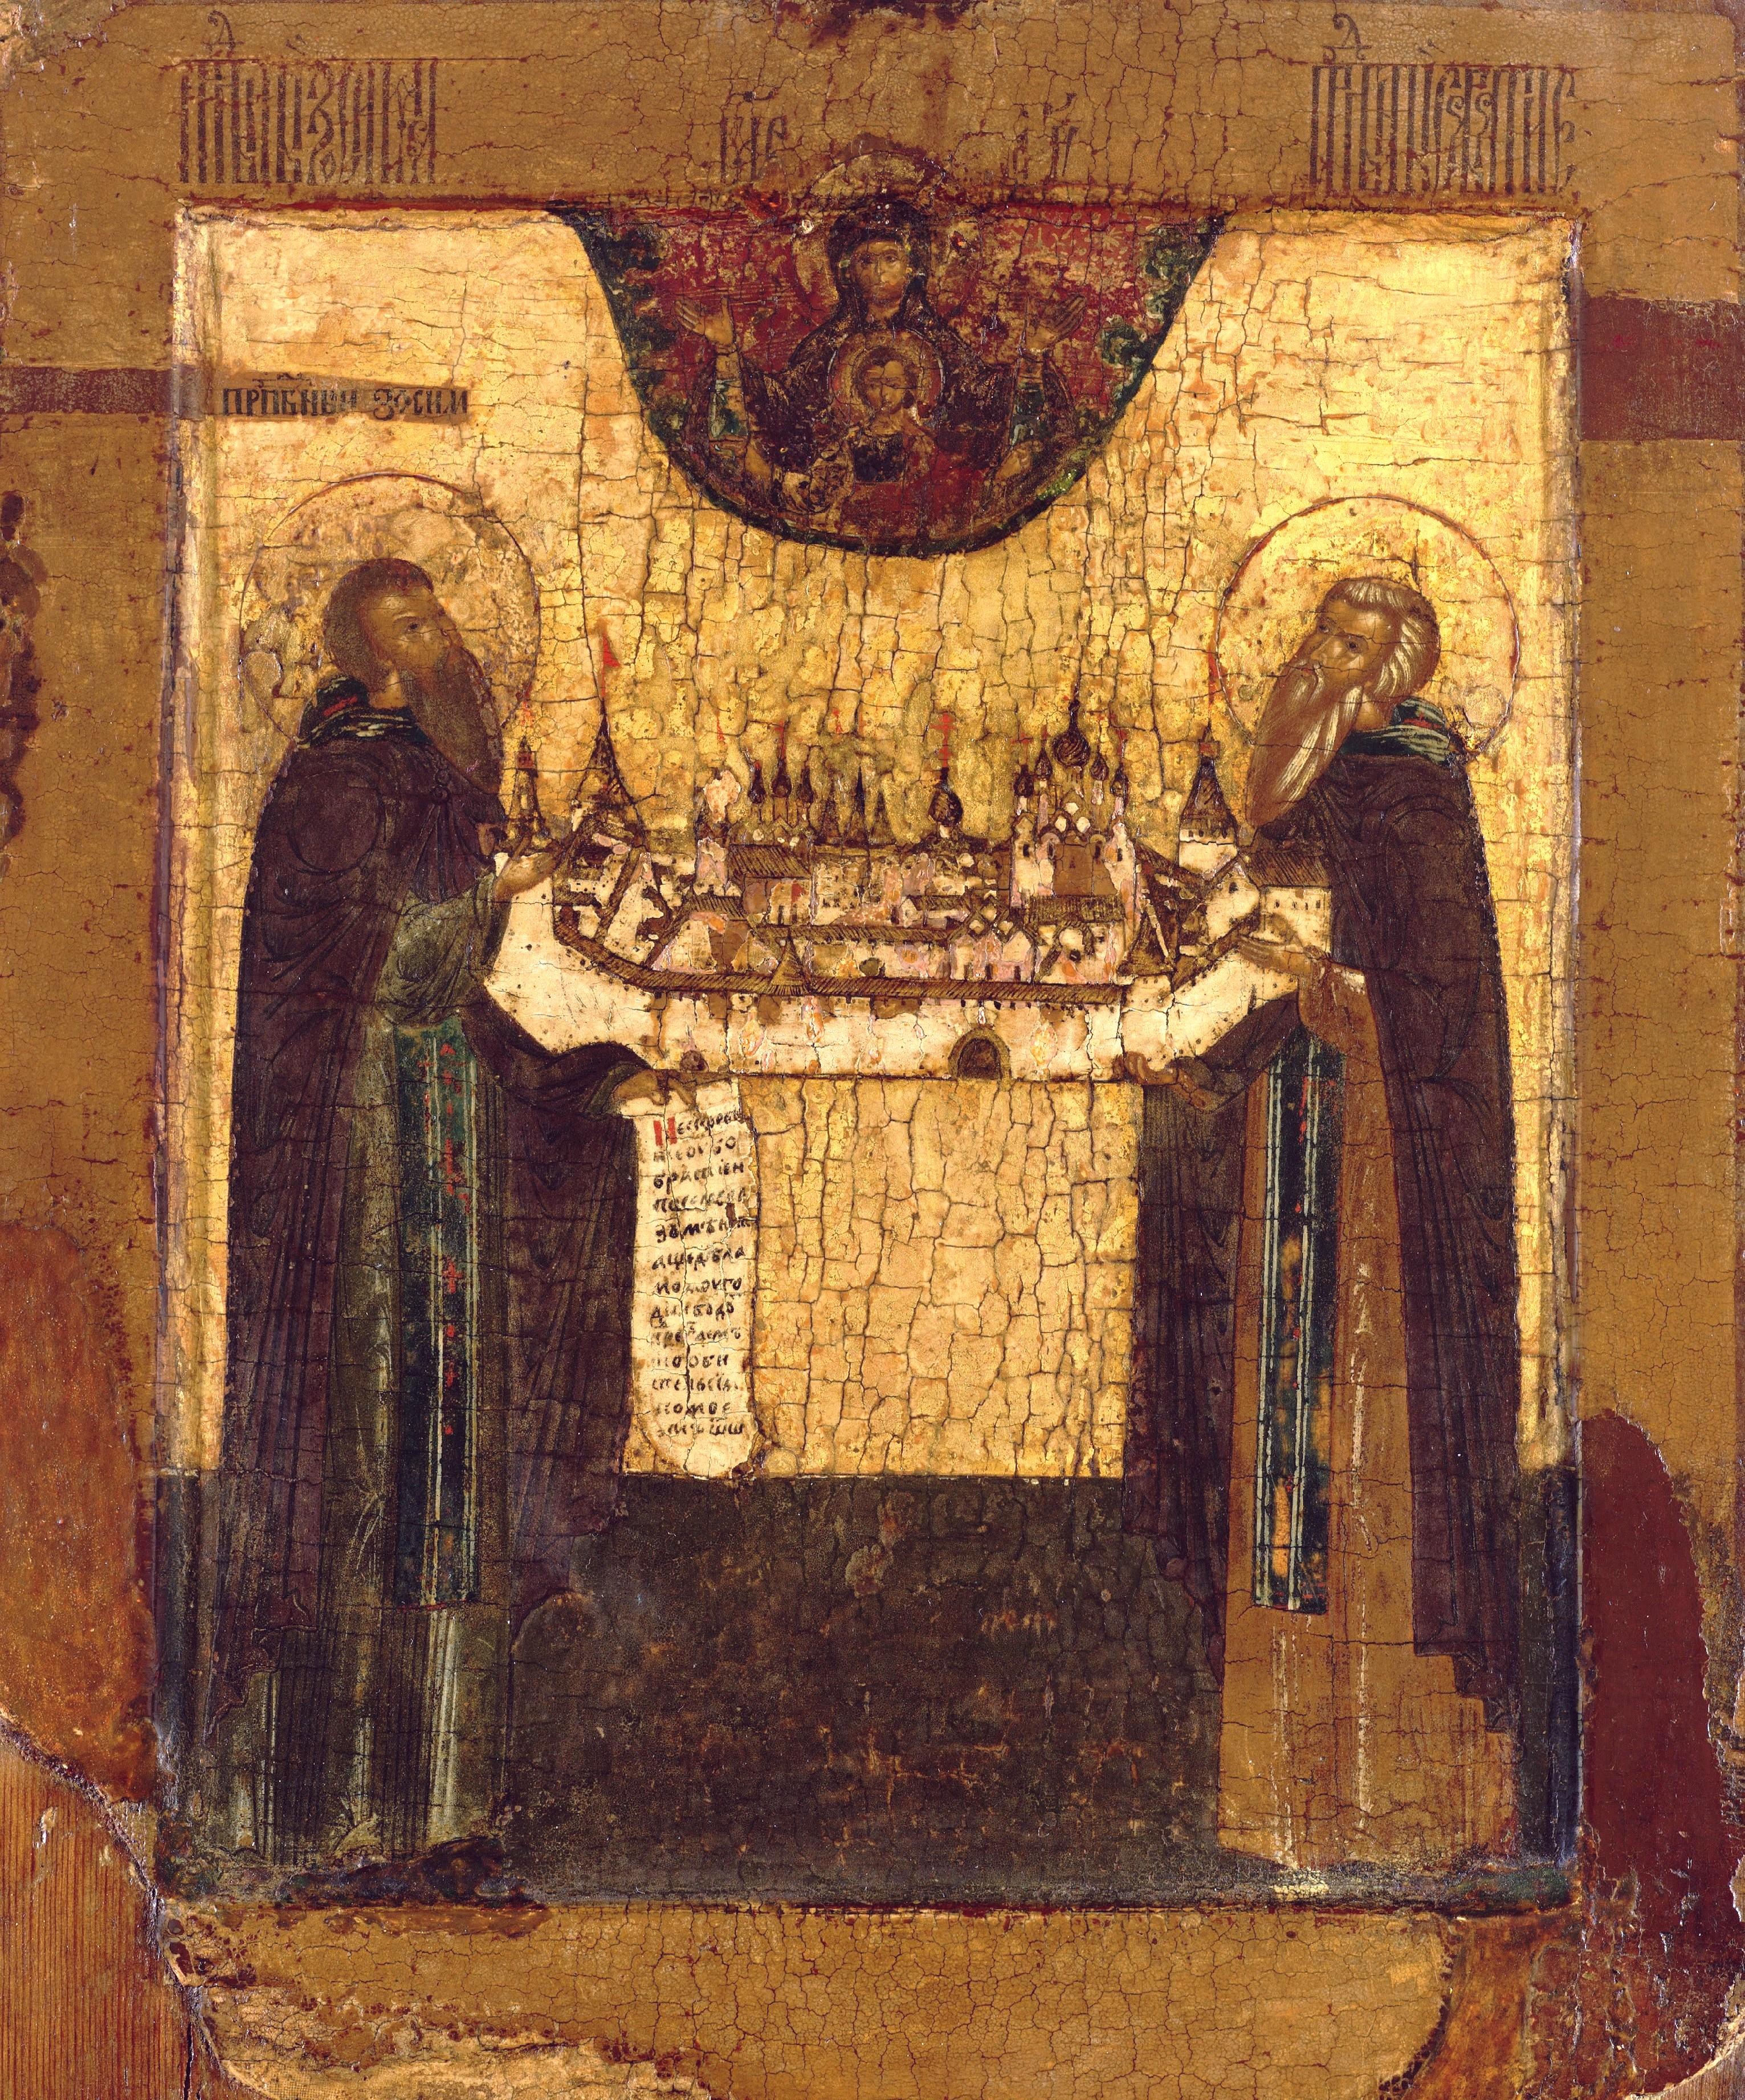 Святые Преподобные Зосима и Савватий Соловецкие. Икона. Россия, около 1675 года.